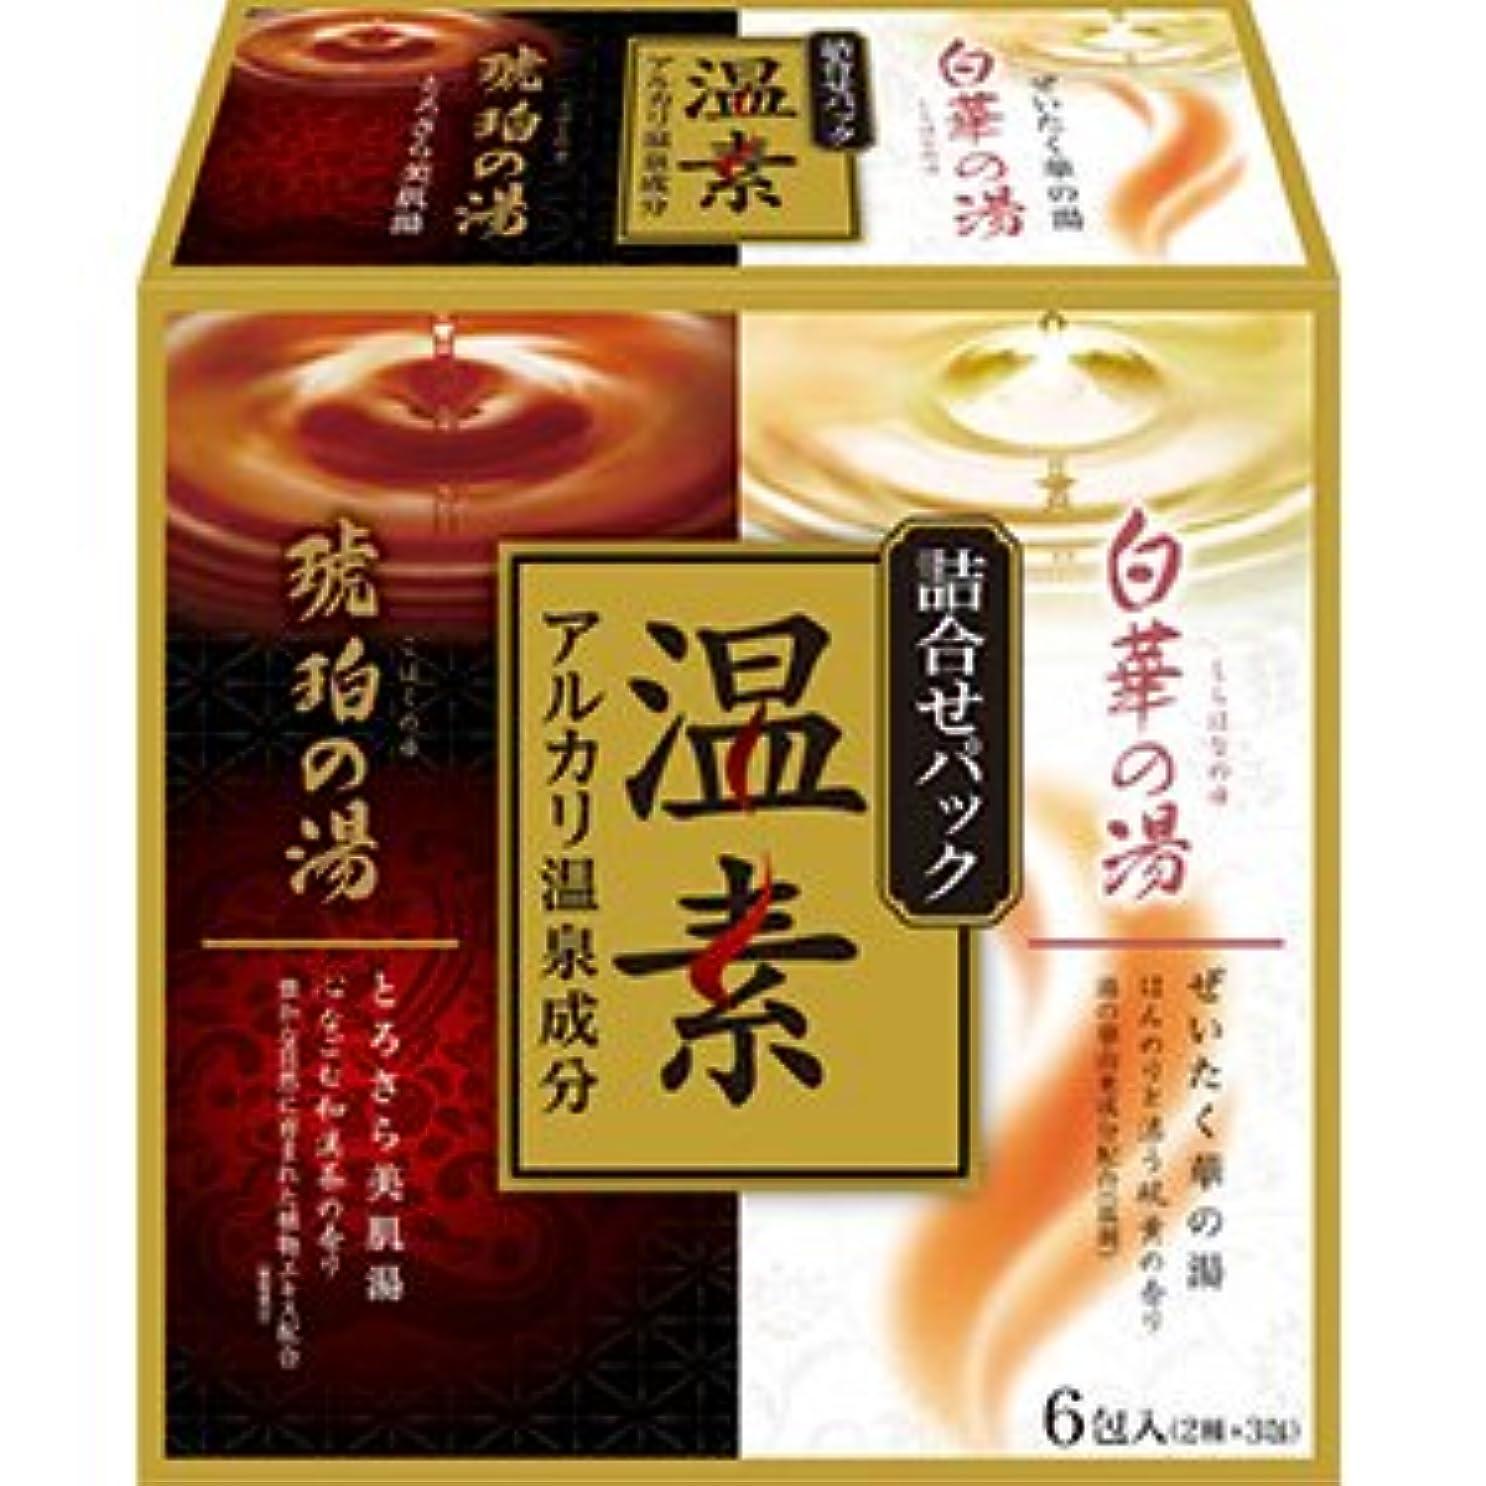 本部ドック勤勉な温素 琥珀の湯&白華の湯 詰合せパック × 16個セット